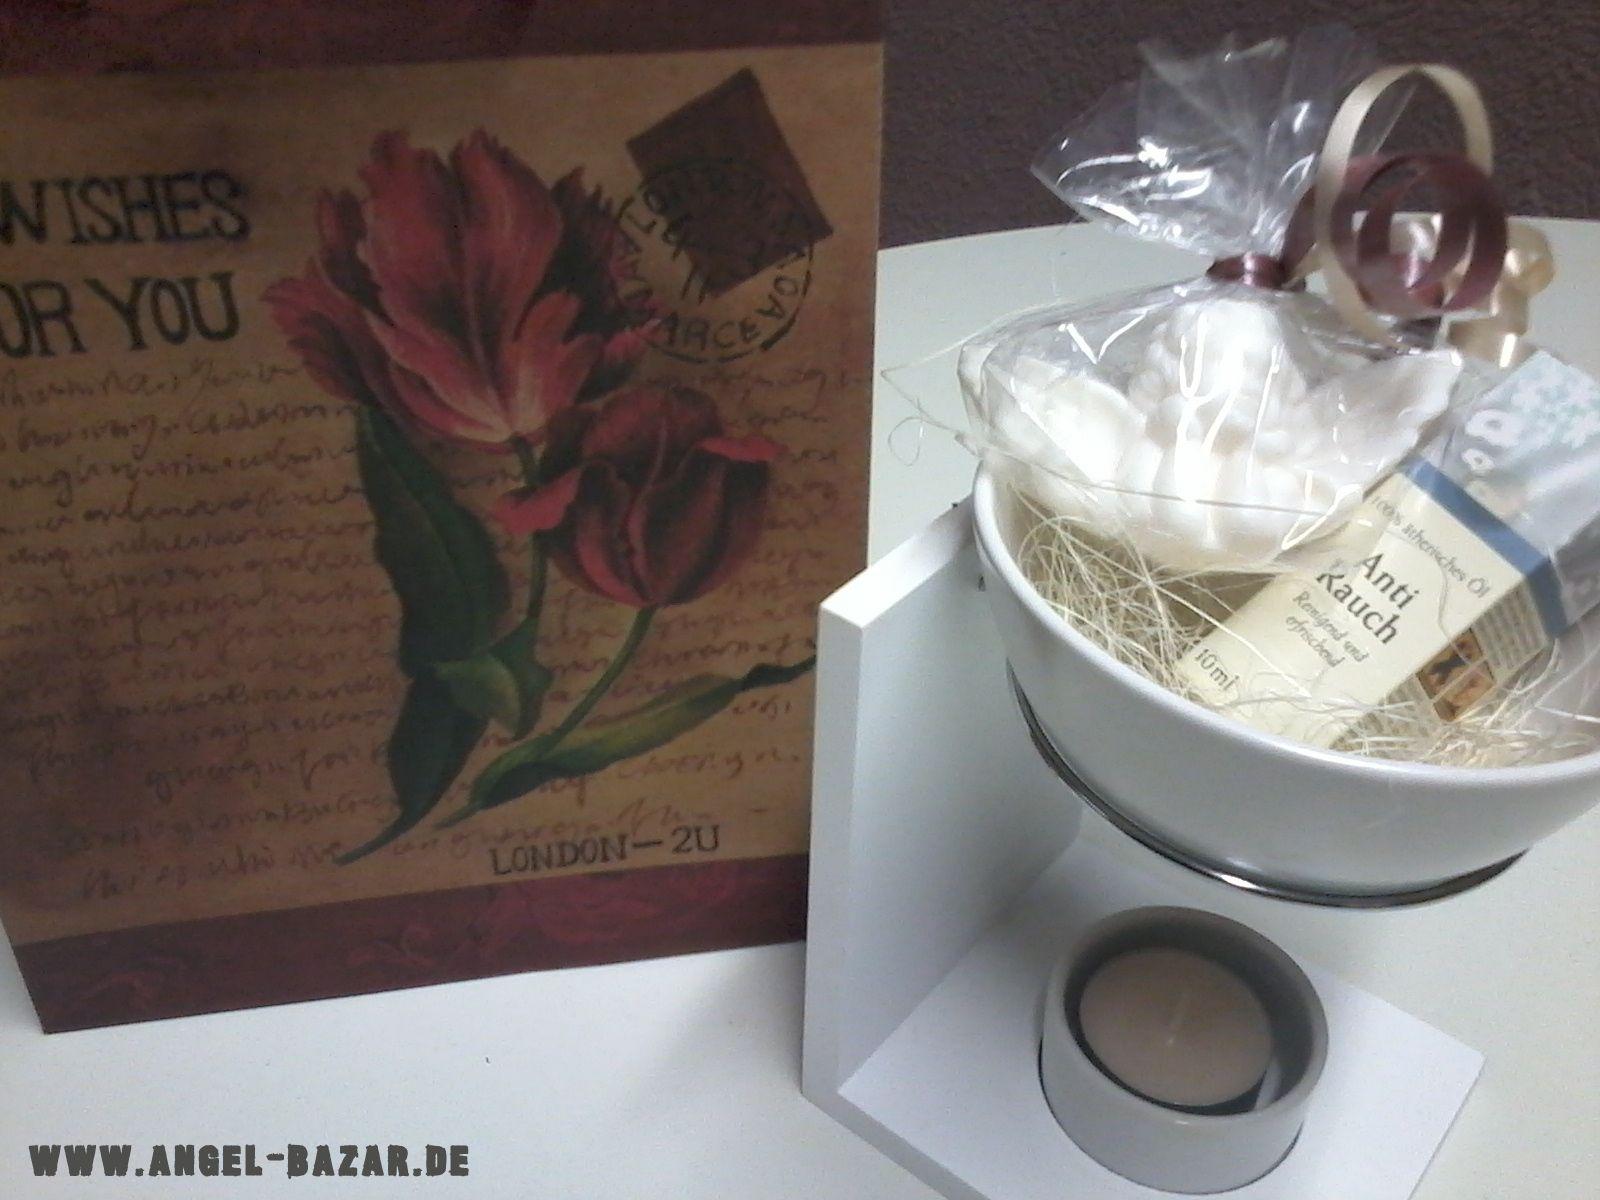 Moderne, weiße #Duftlampe mit #Duftöl #anti #Rauch und #Geschenketasche für himmlische 9,90 € www.angel-bazar.com/item.php?id=31181